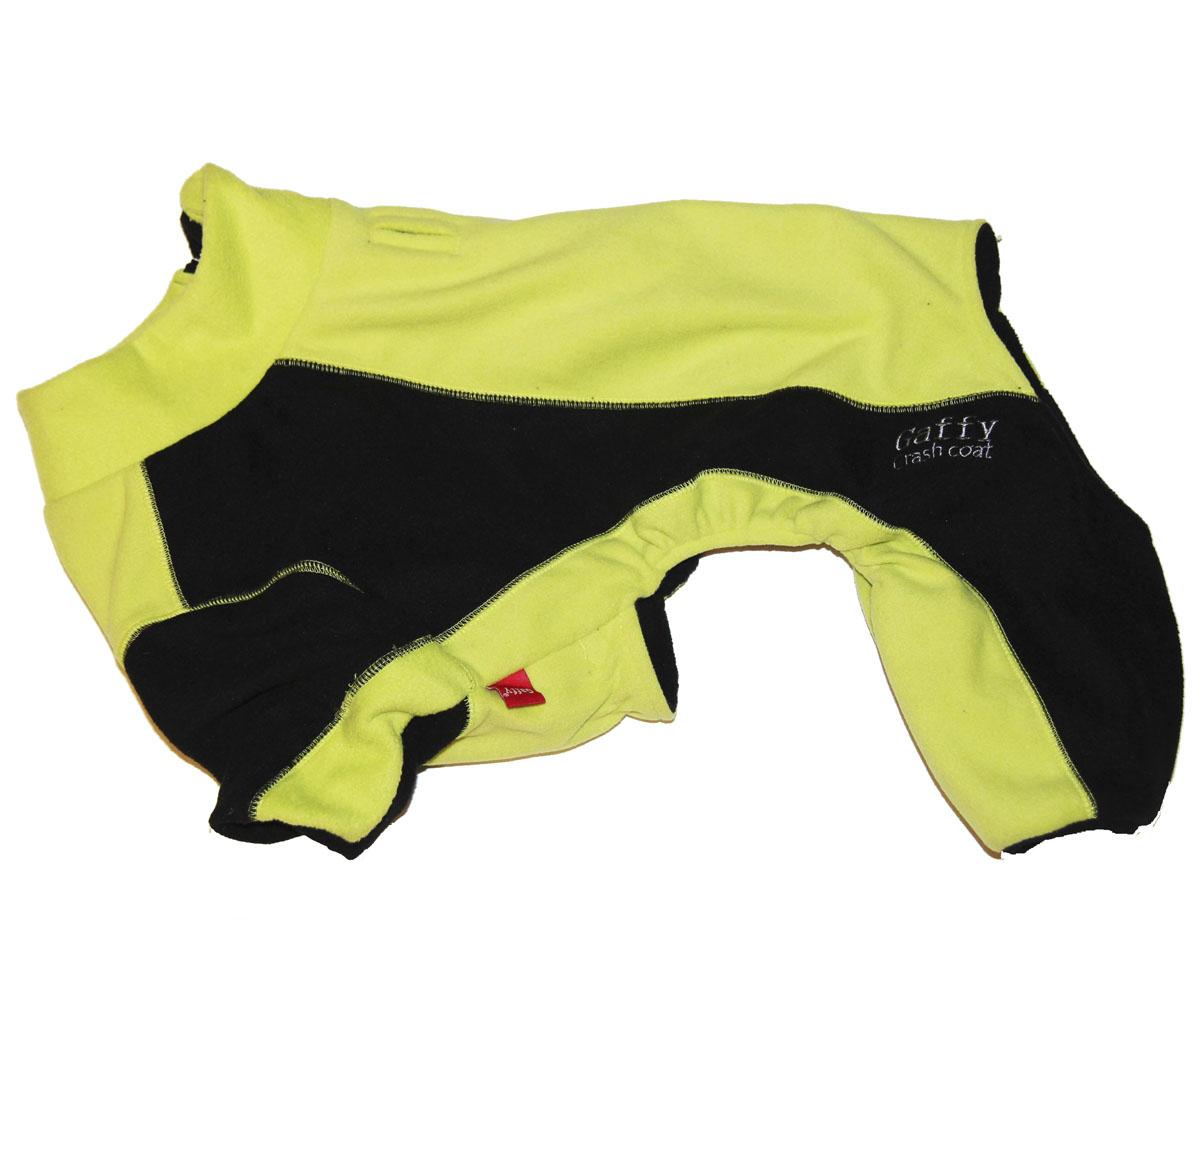 Комбинезон для собак Gaffy Pet, унисекс, цвет: салатовый, черный. Размер S комбинезон для собак pret a pet цвет белый красный размер xs